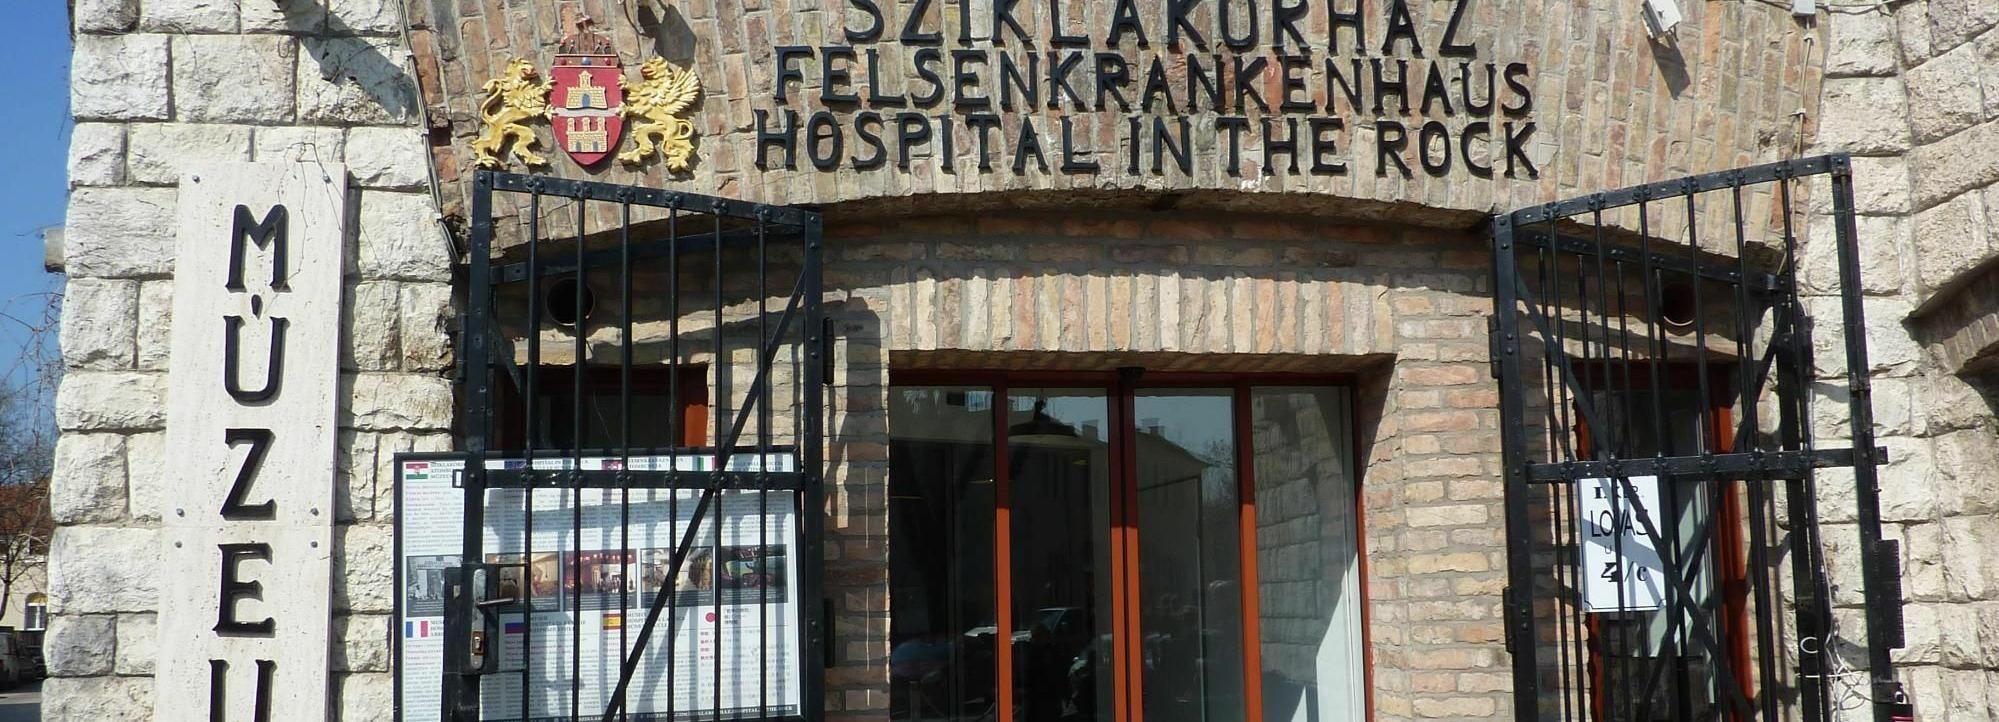 Budapest: visita guidata all'ospedale nella roccia e al castello